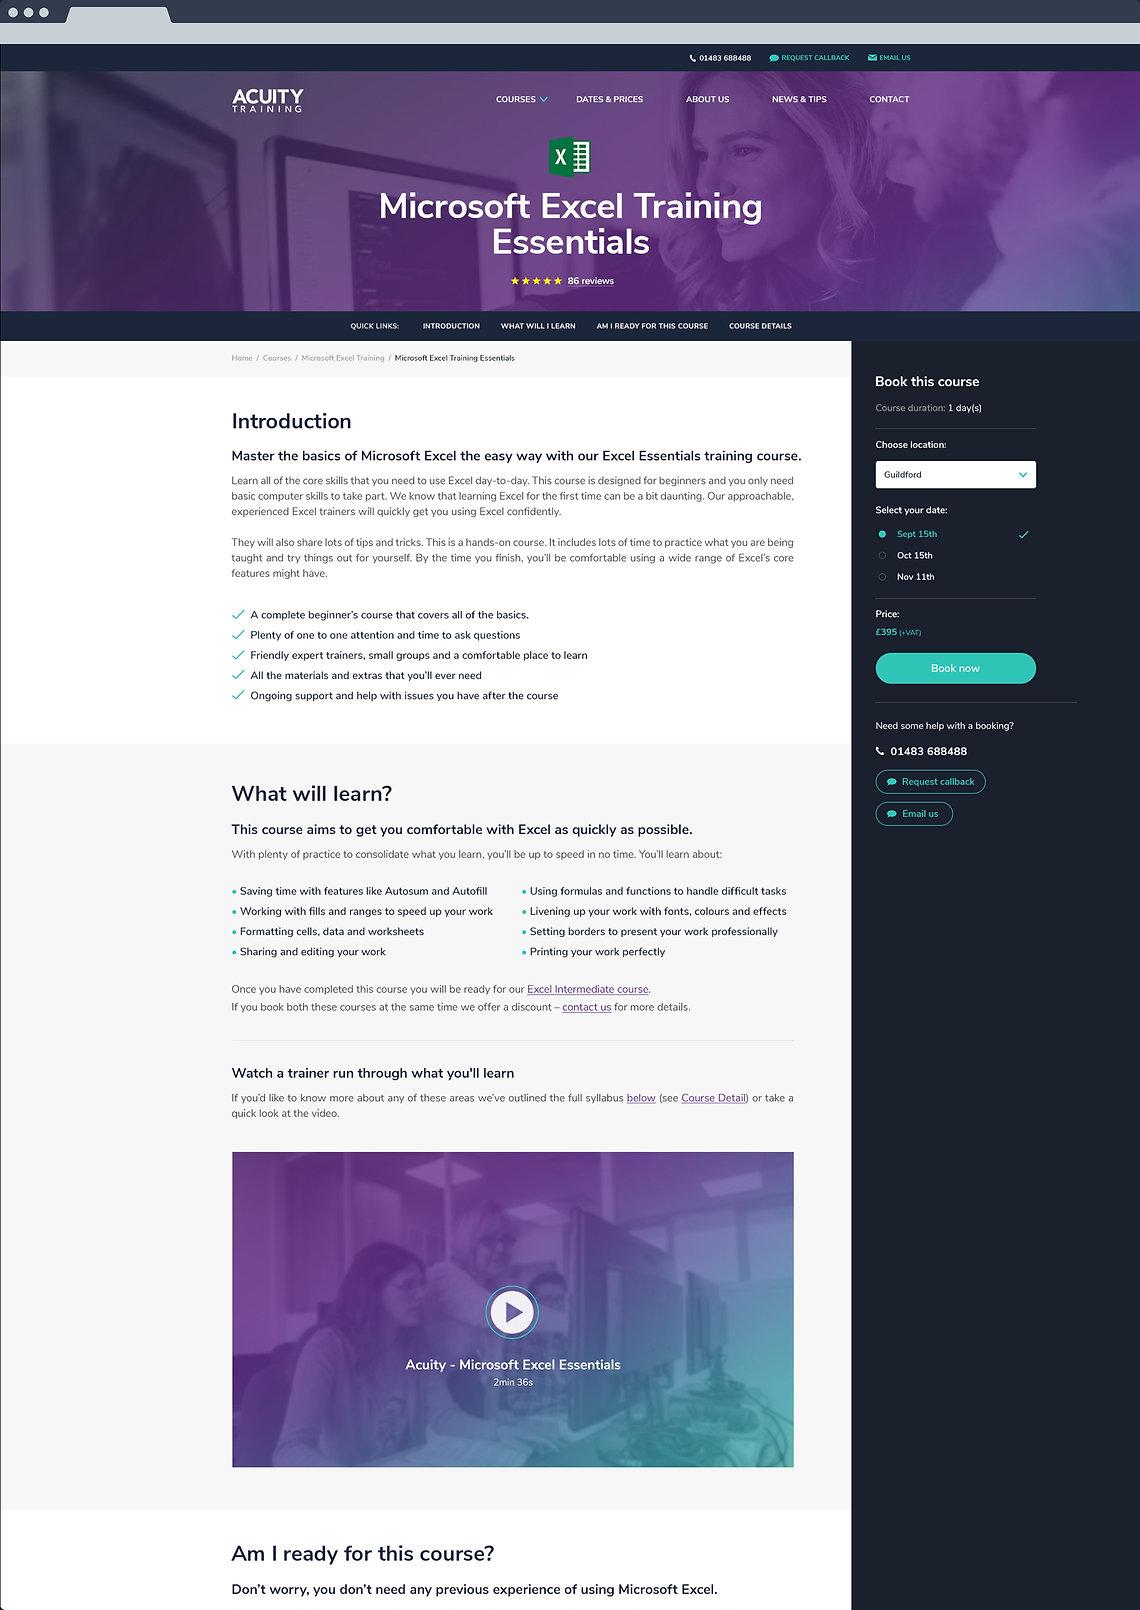 acuity-browser-mockup-template-3.jpg